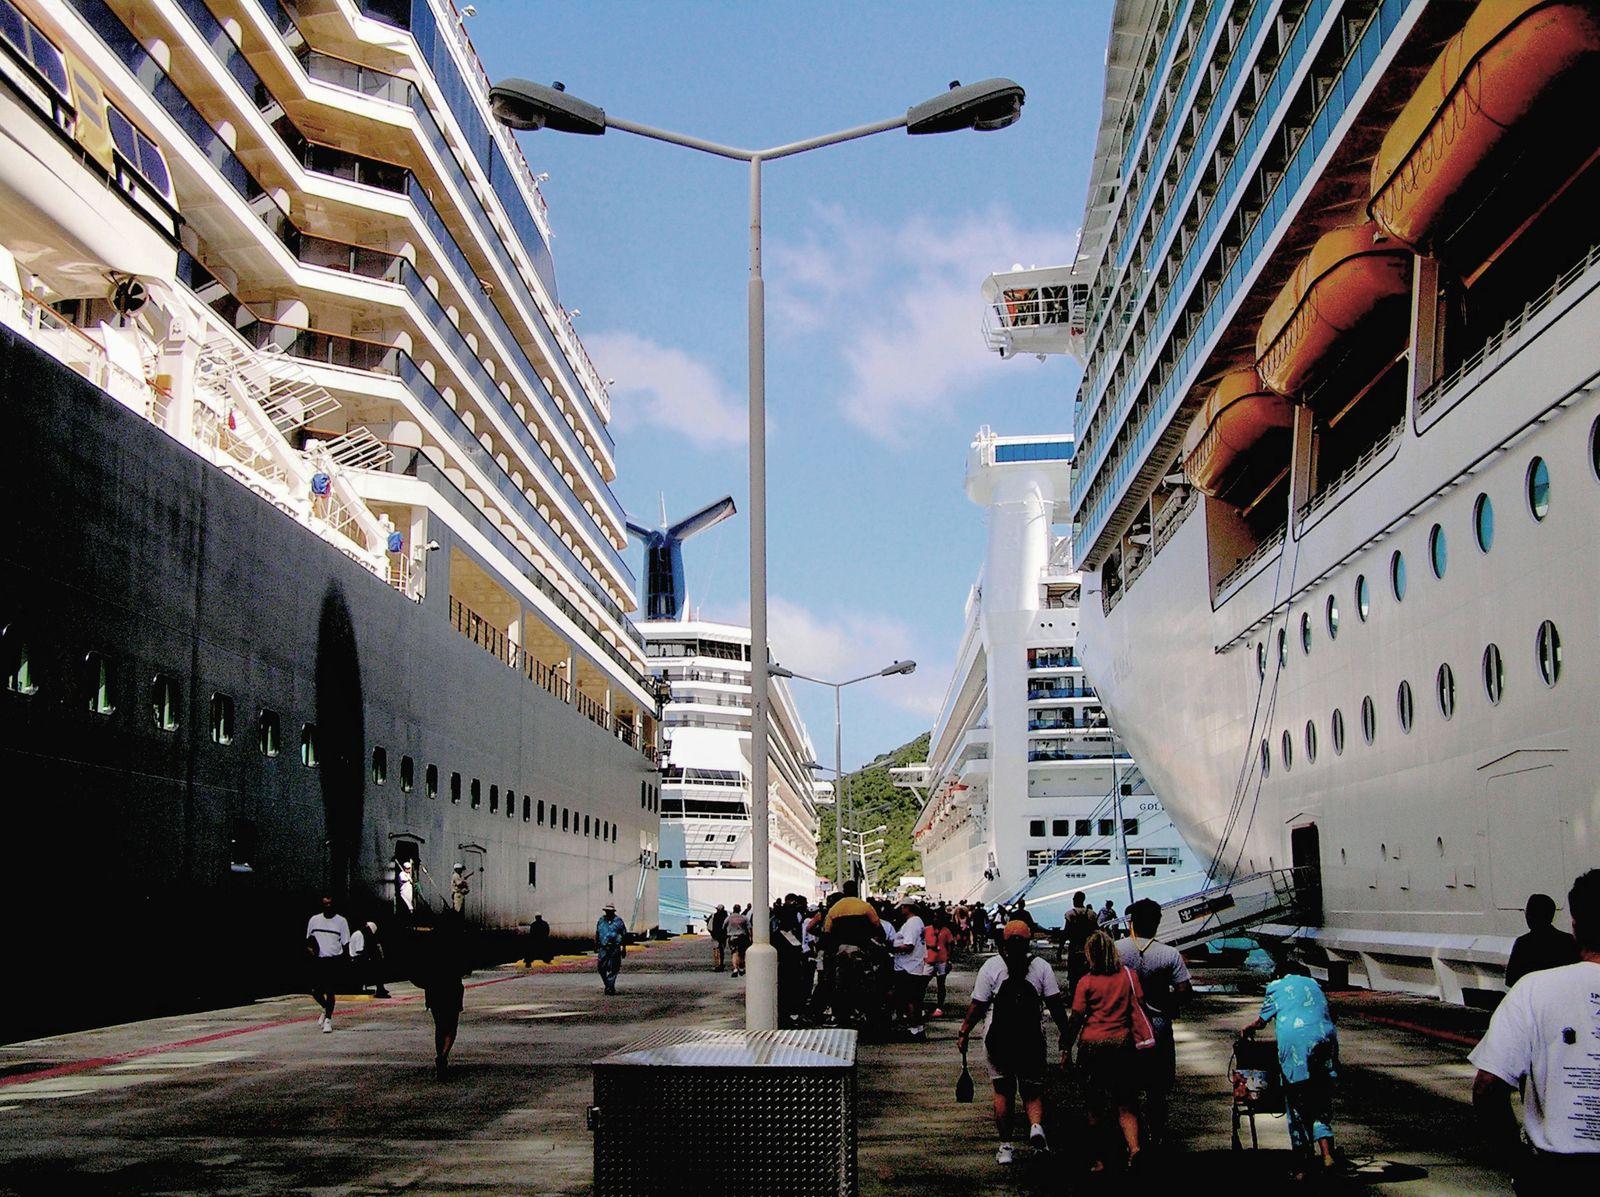 Cruise ships, Dock Maarten, St Maarten Island